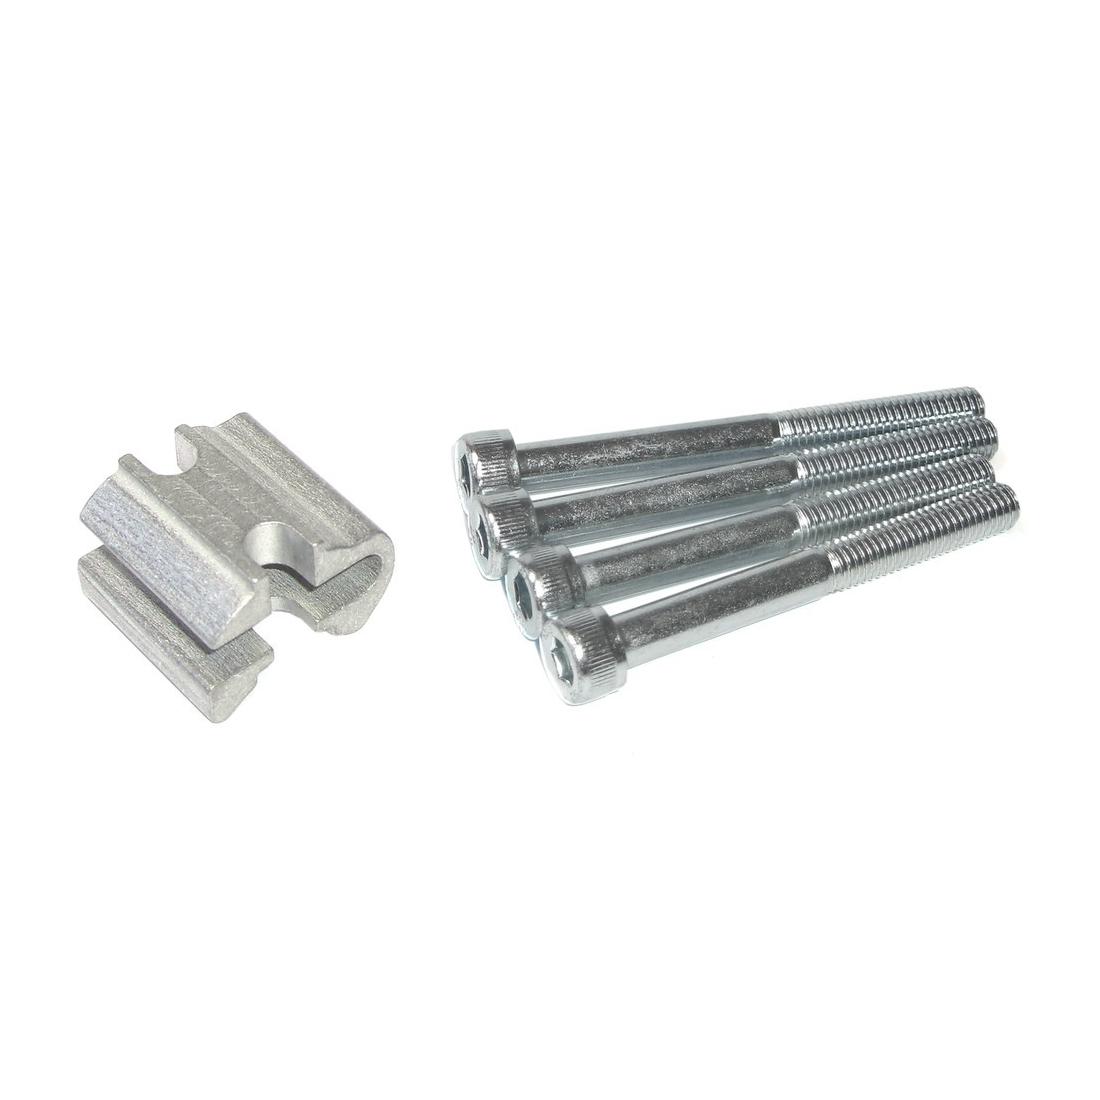 1 Stück 350mm ergotec 58377001 Alu Patentsattelstütze Ø 30,0mm schwarz